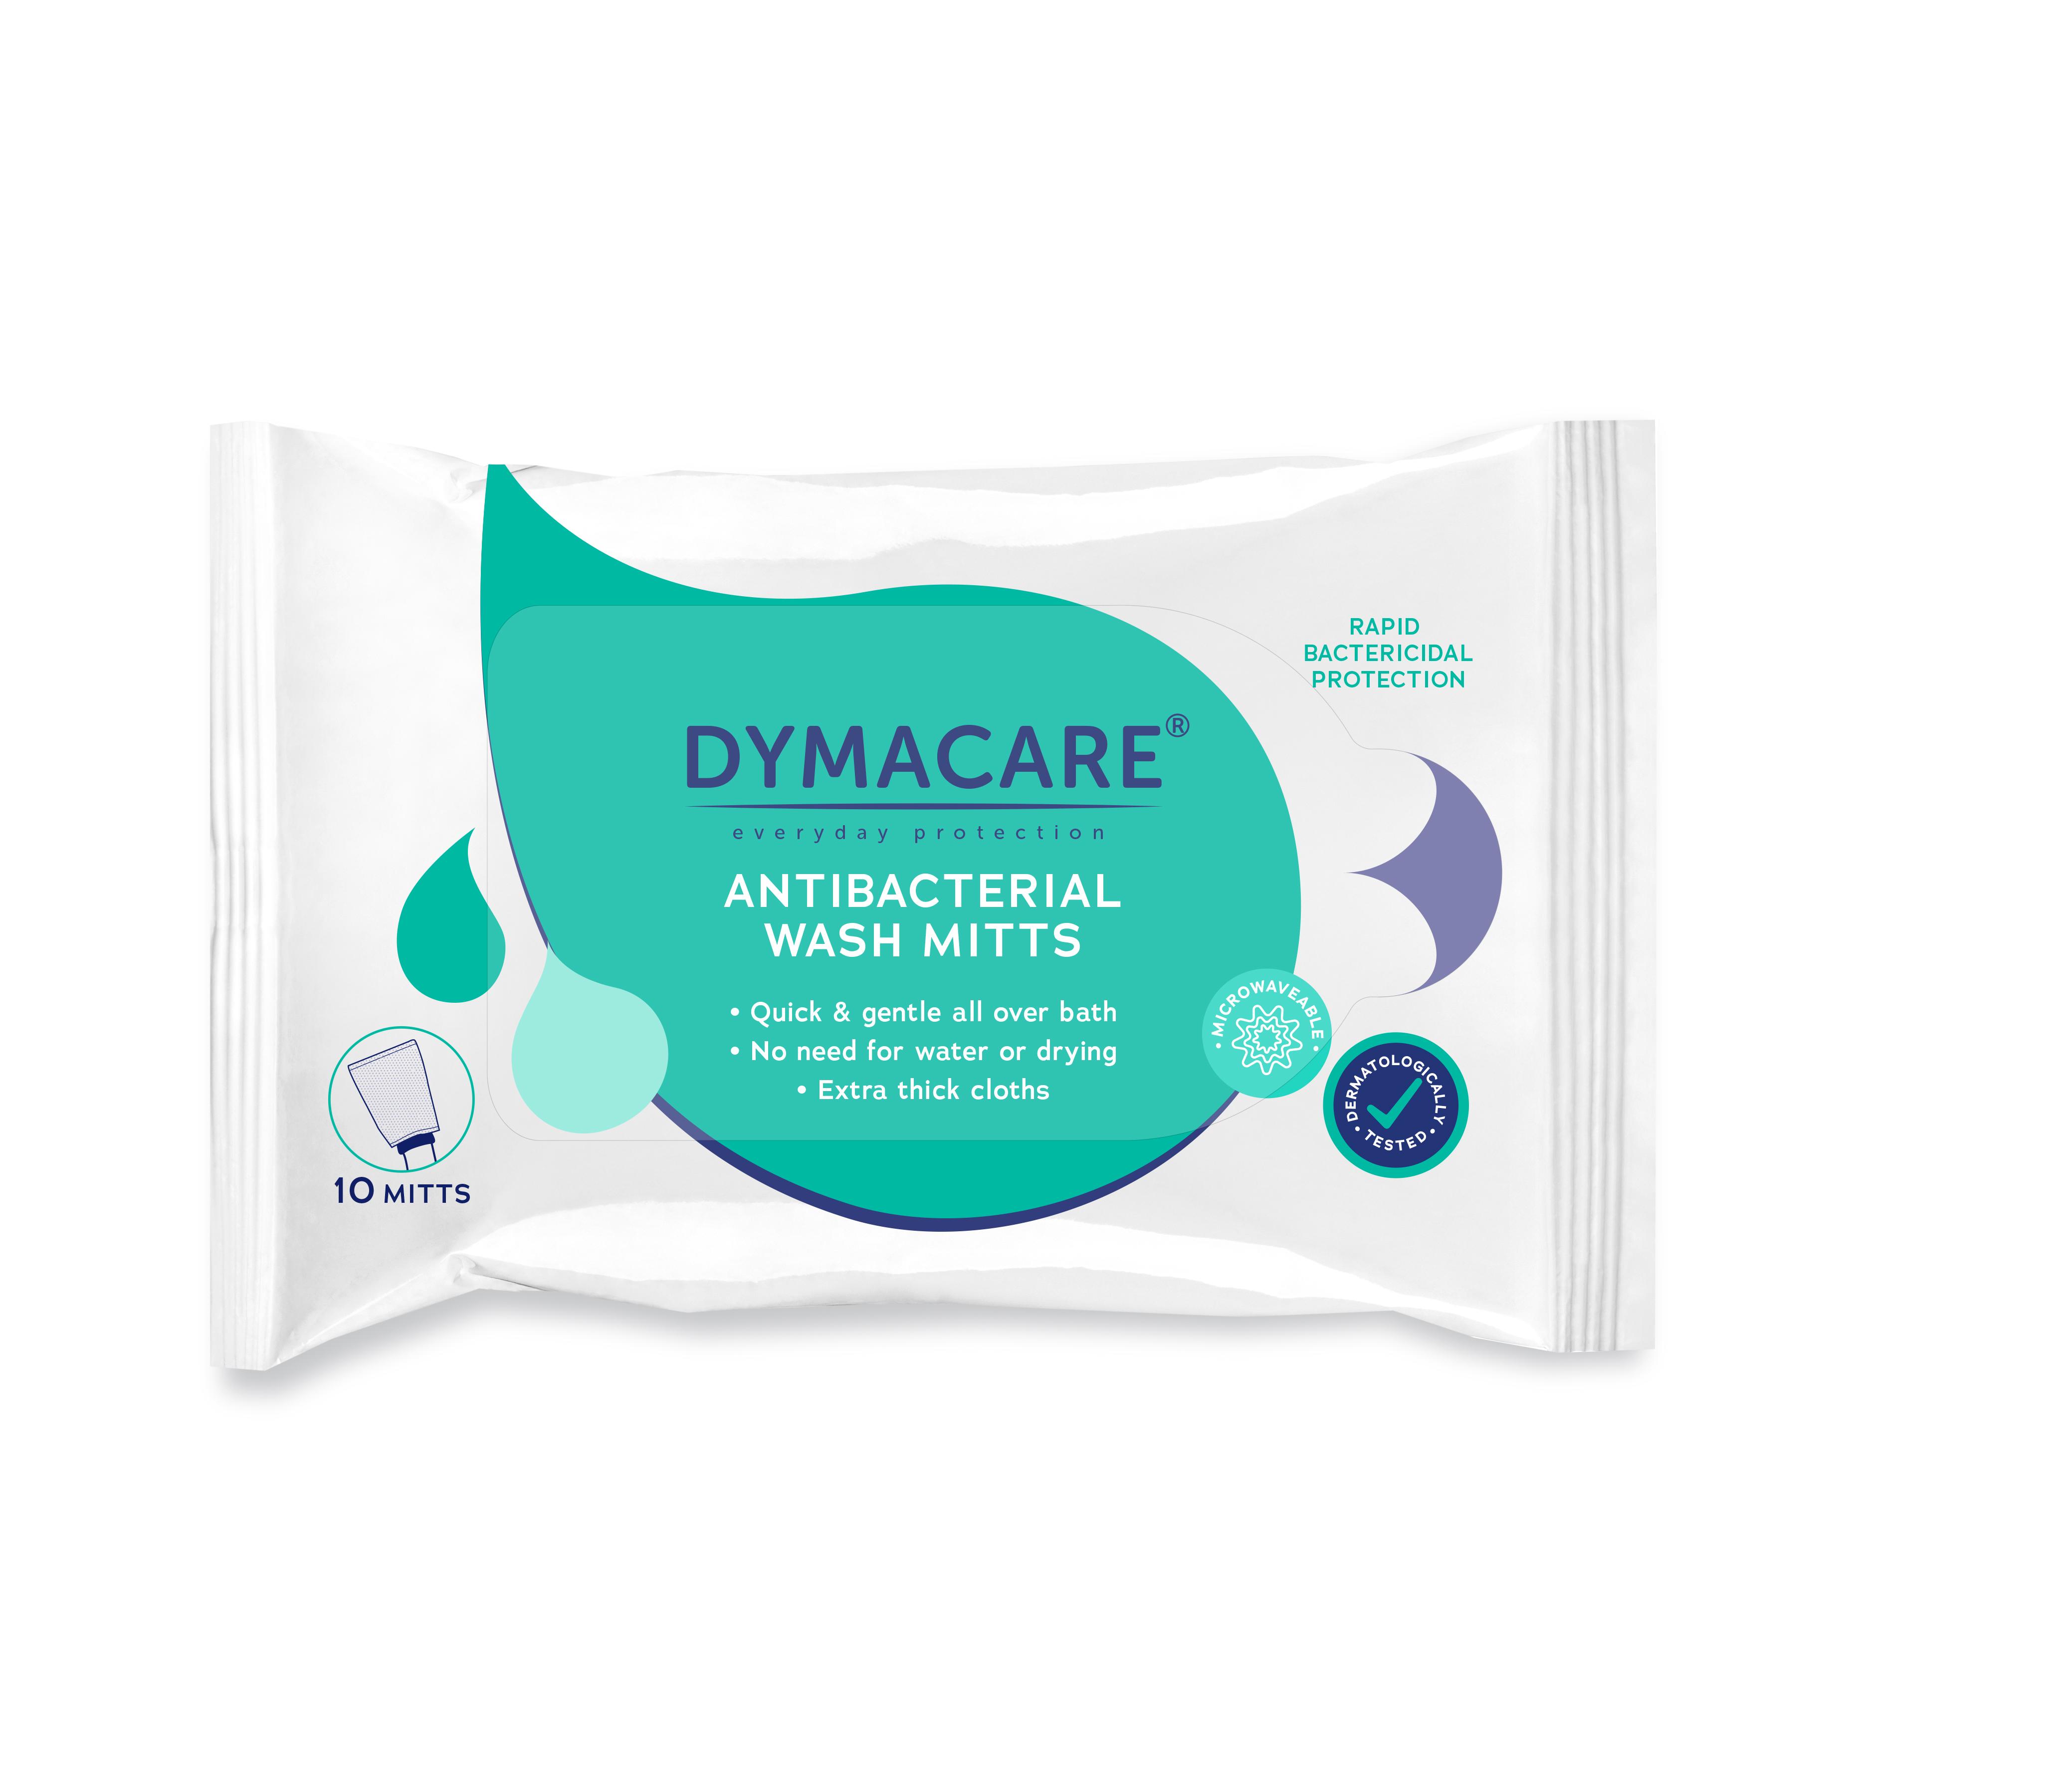 Klinik Qualit/ät DYMACARE/® Feuchte Waschhandschuhe 5 Packungen Mit pflegender Aloe Vera Gro/ße und weiche Waschhandschuhe f/ür die Ganzk/örperwaschung ohne Parf/üm